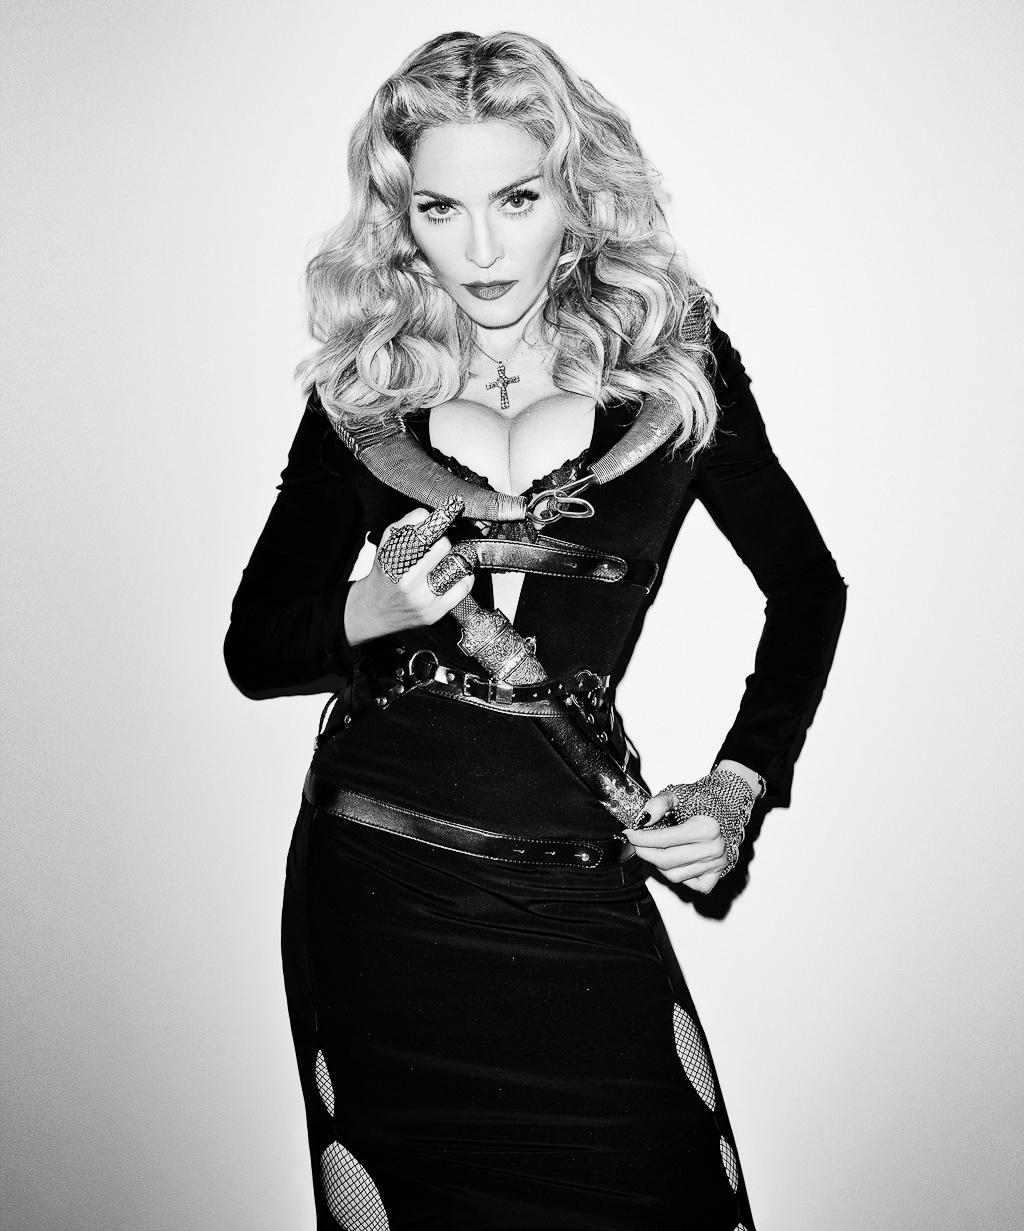 Madonna by Terry Richardson Harpers Bazaar - Sword.jpg